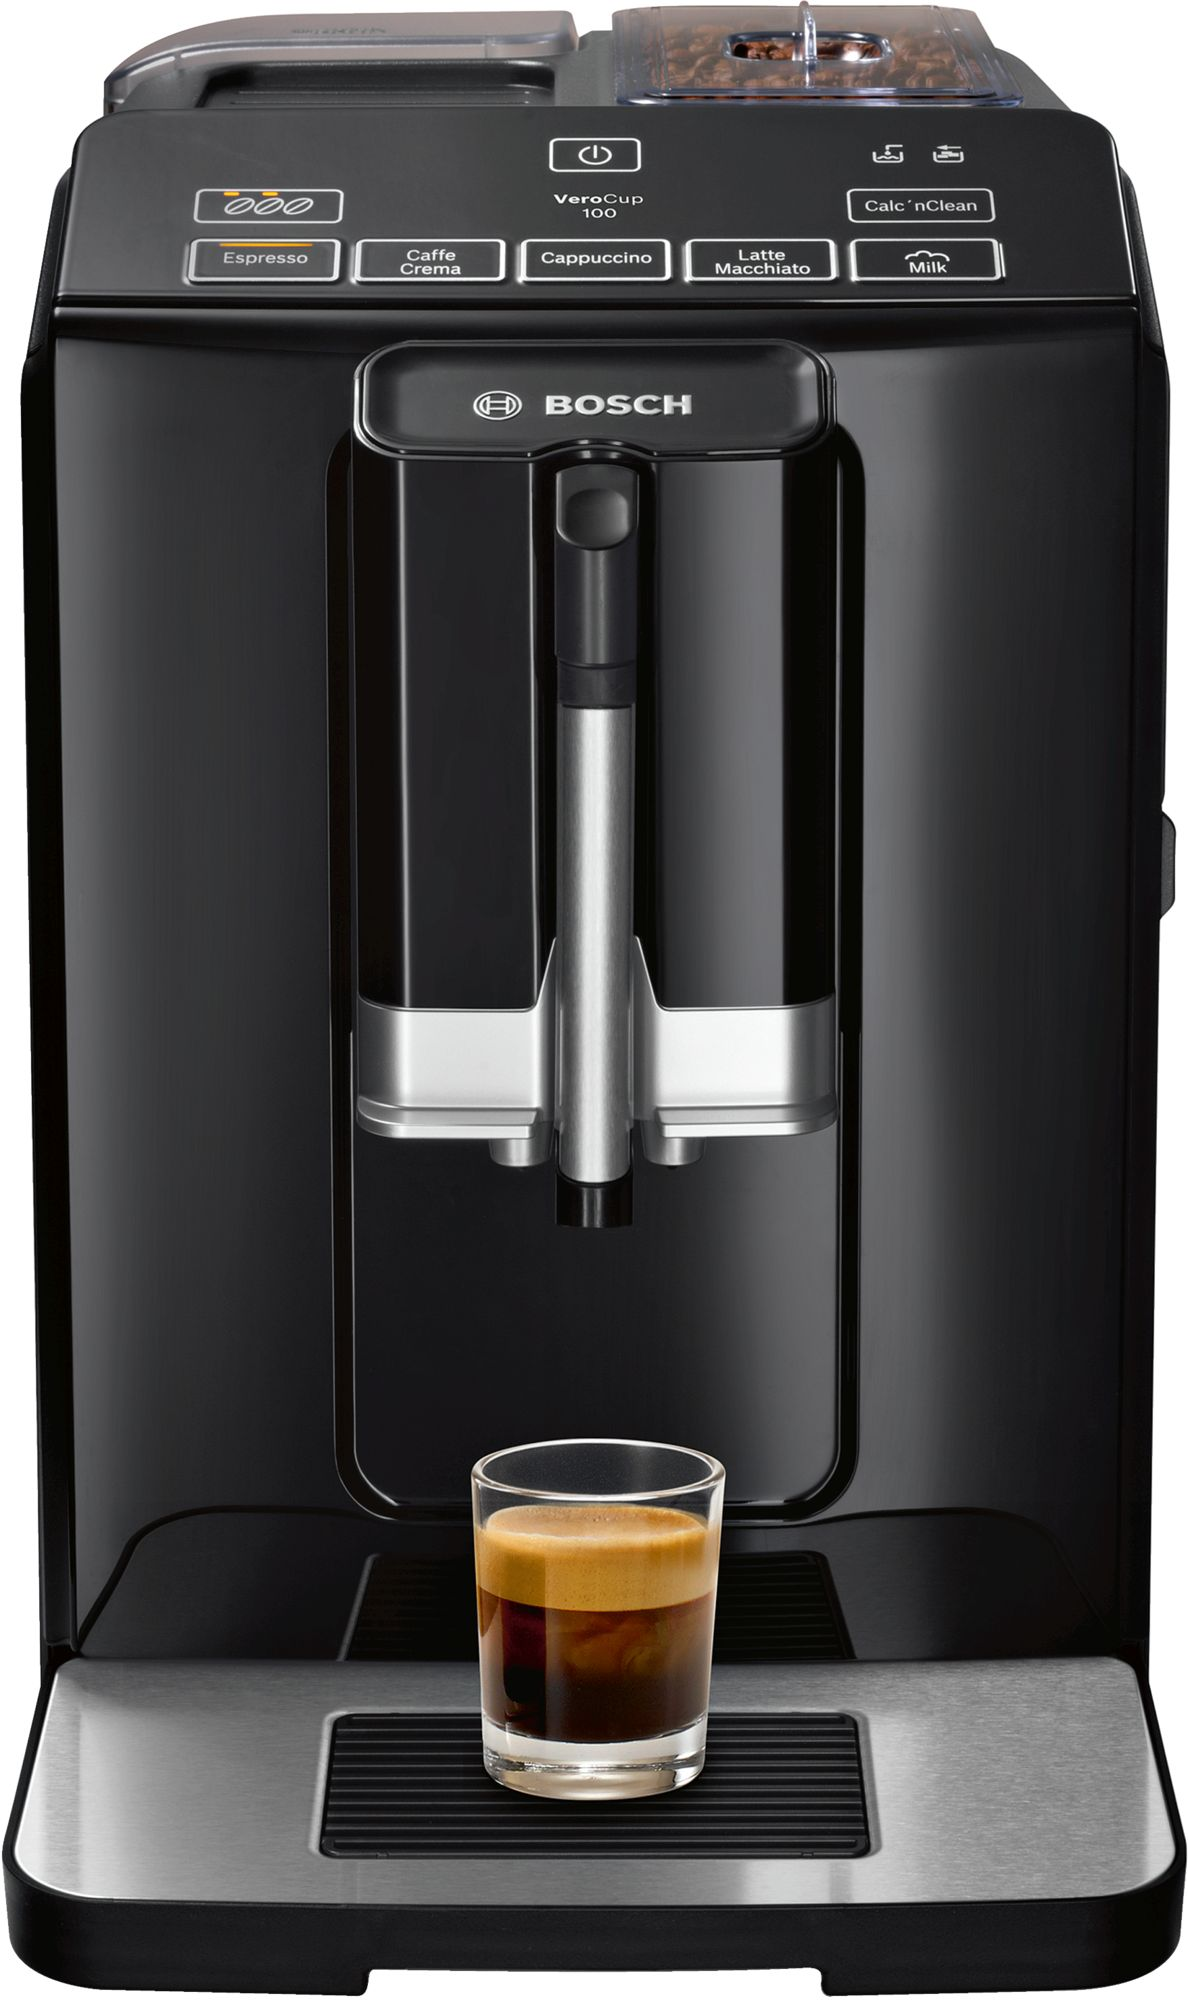 Espressor cafea Bosch VeroCup 100 1300W 1.4L Negru